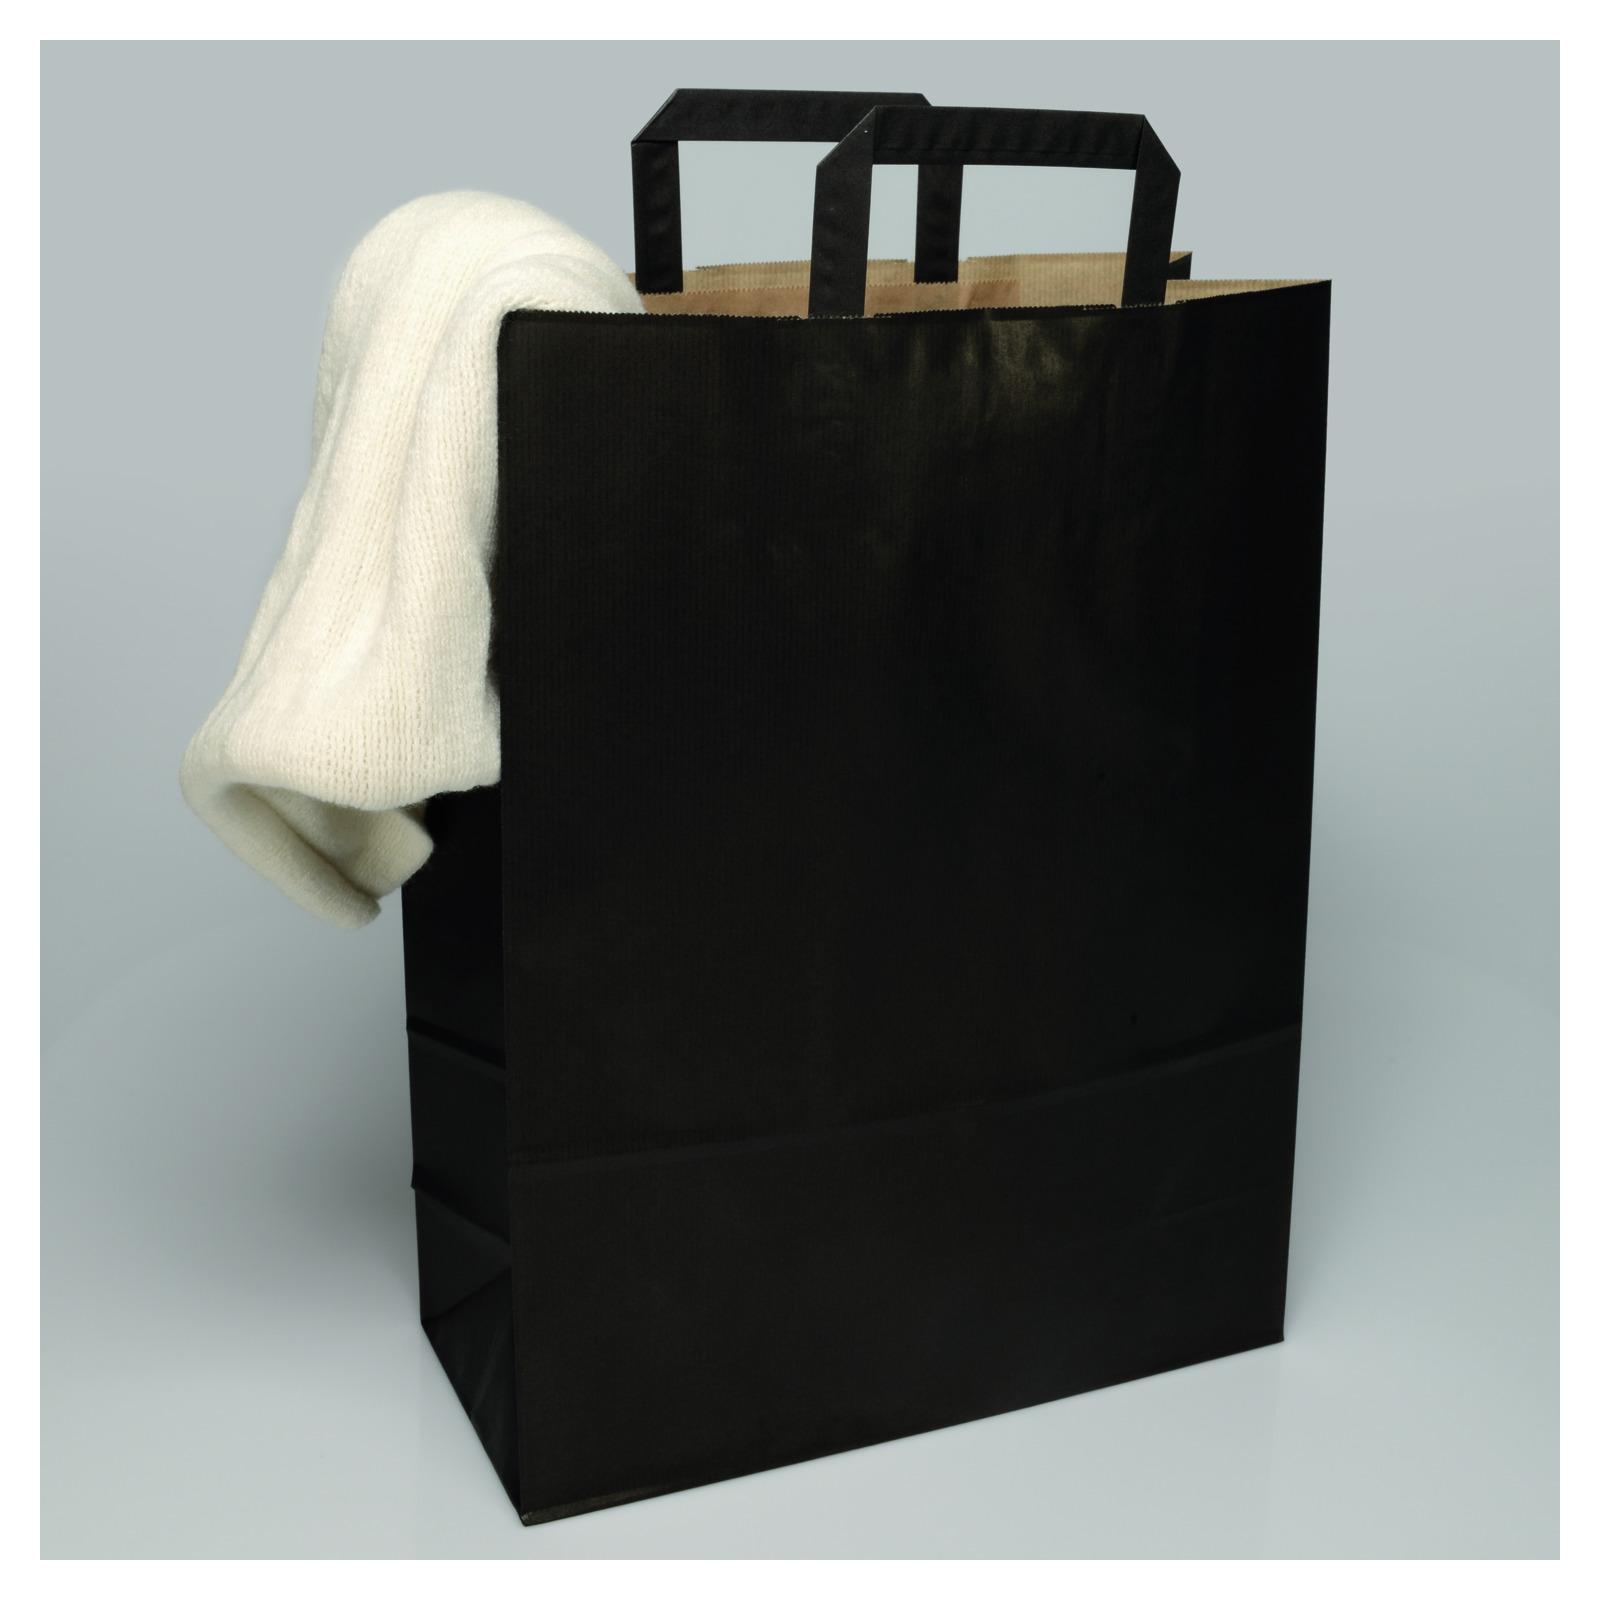 parpiertragetaschen farbig mit flachhenkel. Black Bedroom Furniture Sets. Home Design Ideas